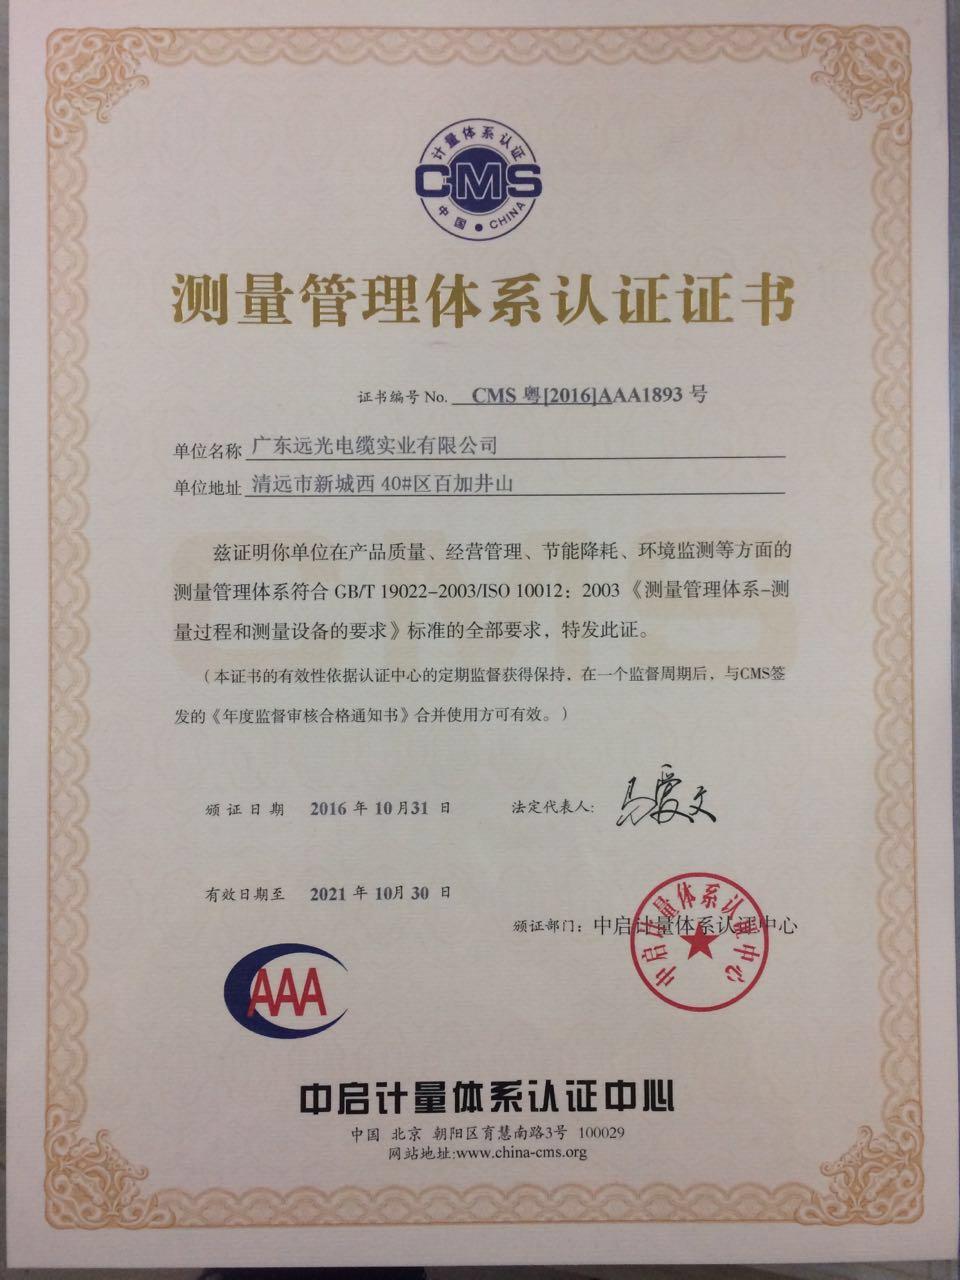 测量管理体系认证证书